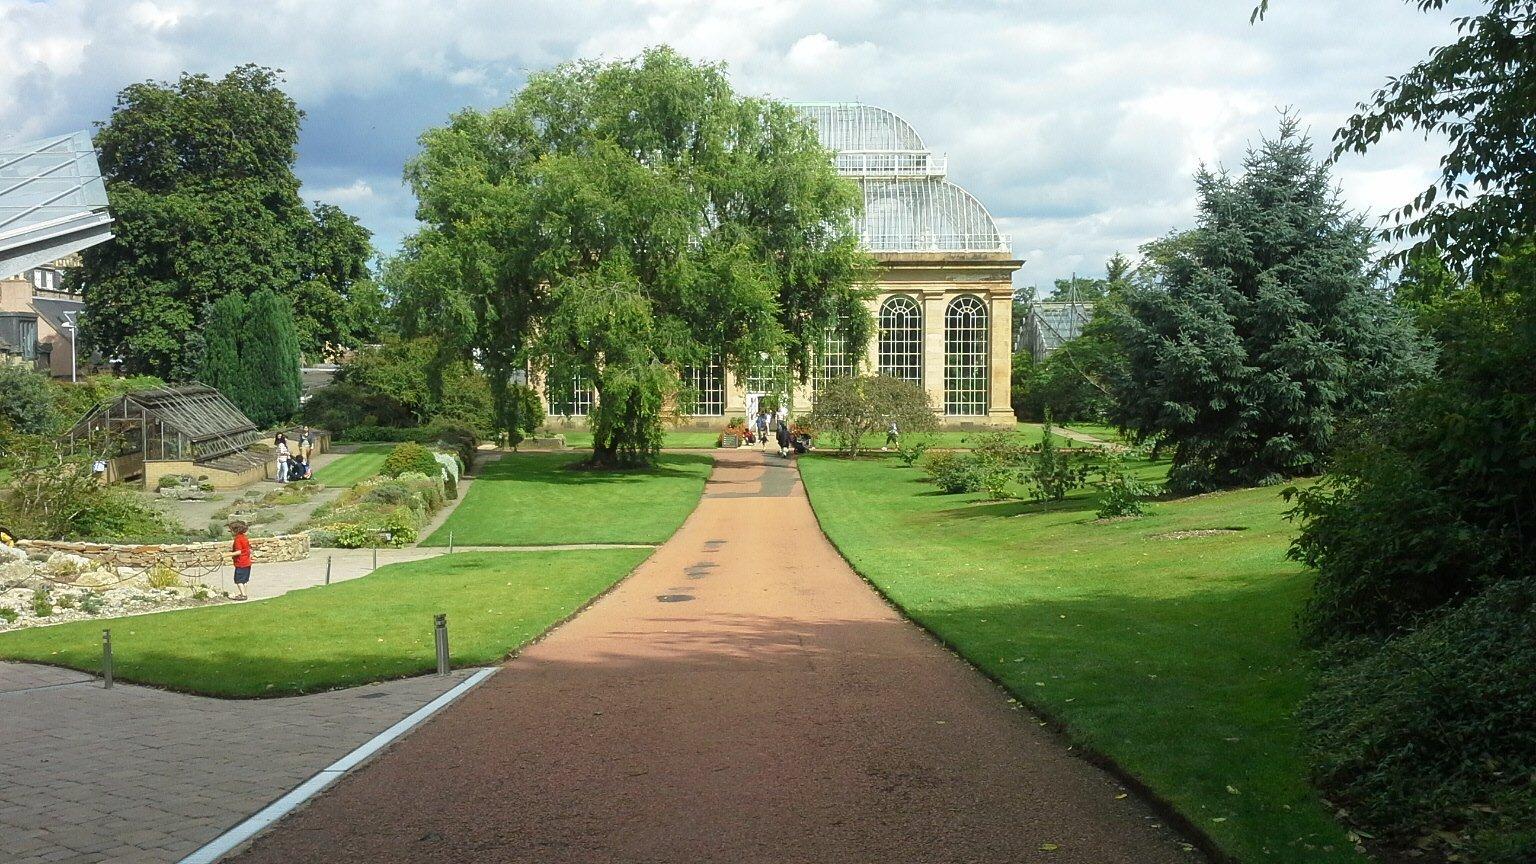 Giardino Botanico Edimburgo